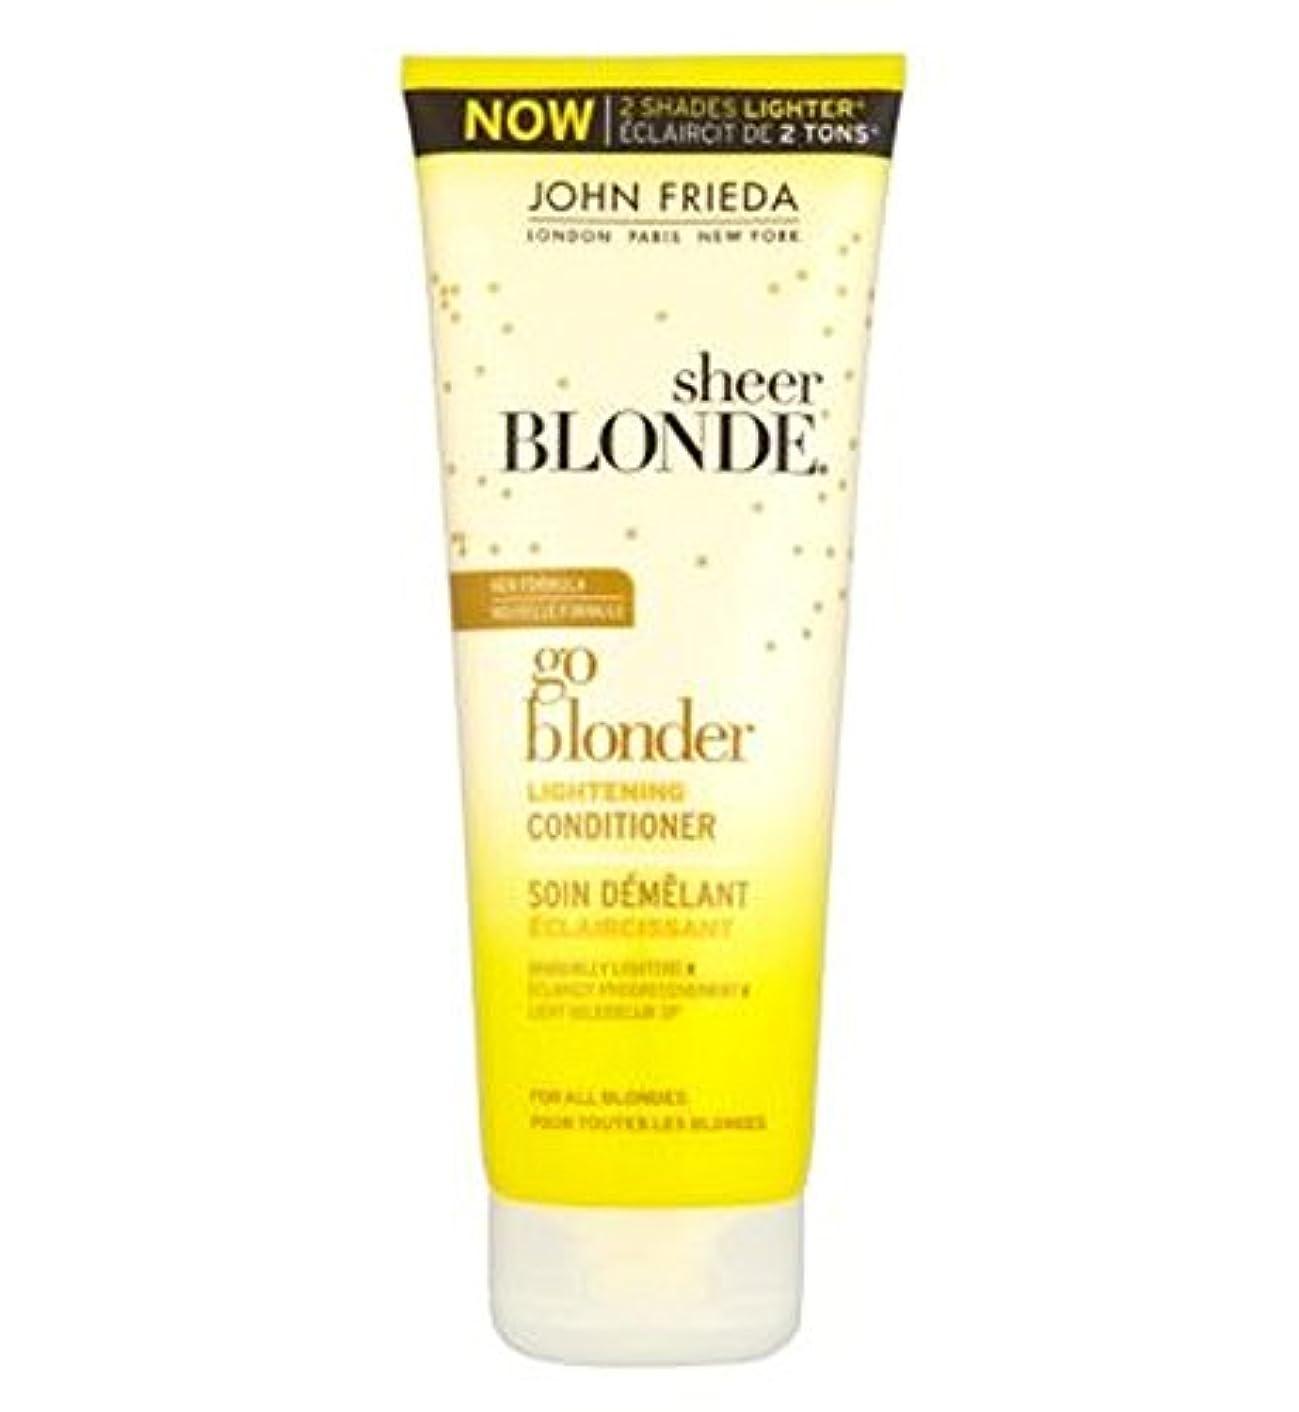 失礼な自殺目指すJohn Frieda Sheer Blonde Go Blonder Lightening Conditioner 250ml - ジョン?フリーダ薄手ブロンド行くBlonder美白コンディショナー250Ml (John...